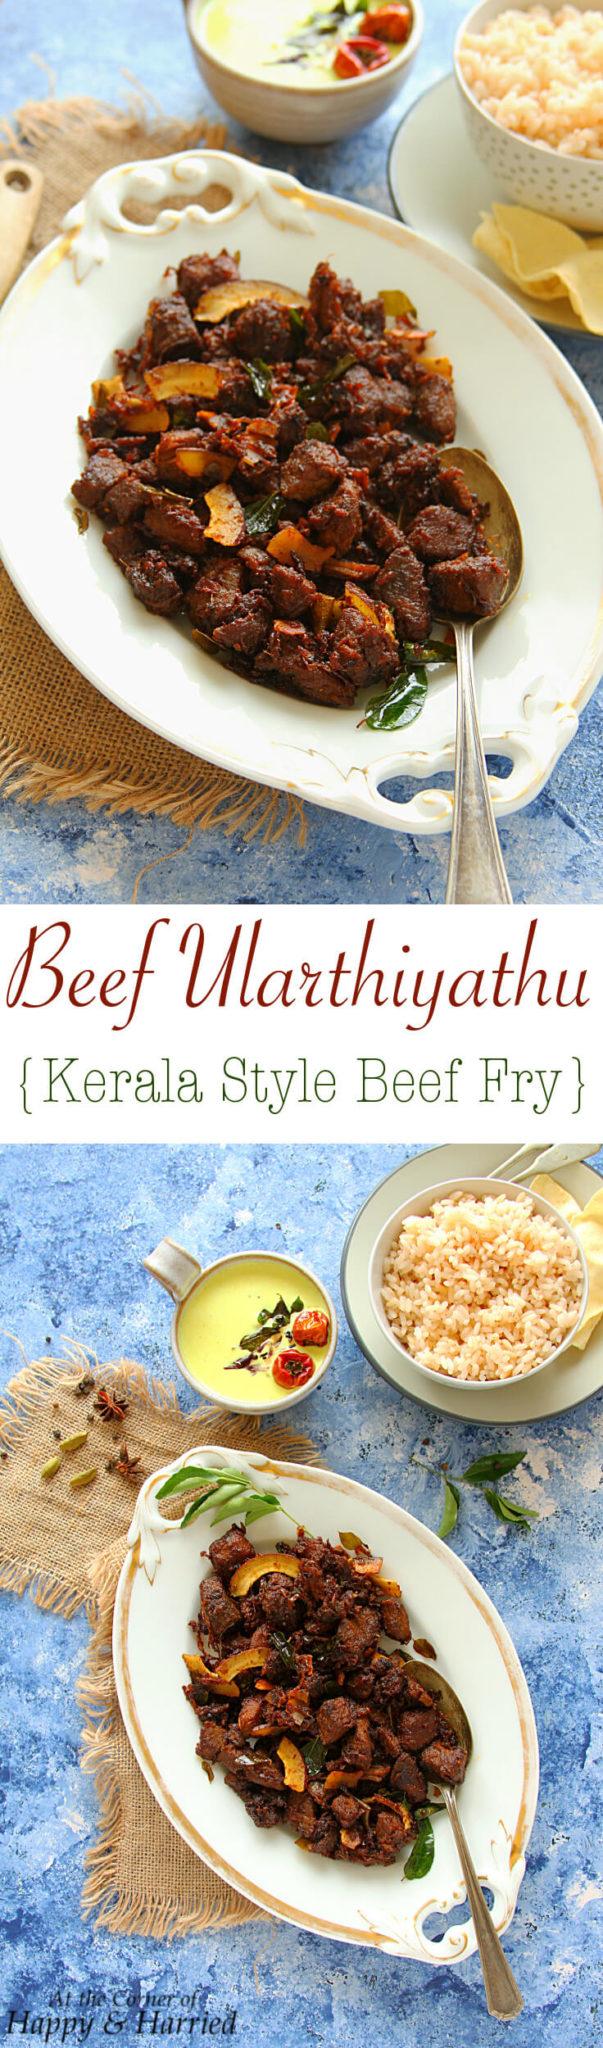 BEEF ULARTHIYATHU - KERALA STYLE BEEF FRY - HAPPY&HARRIED